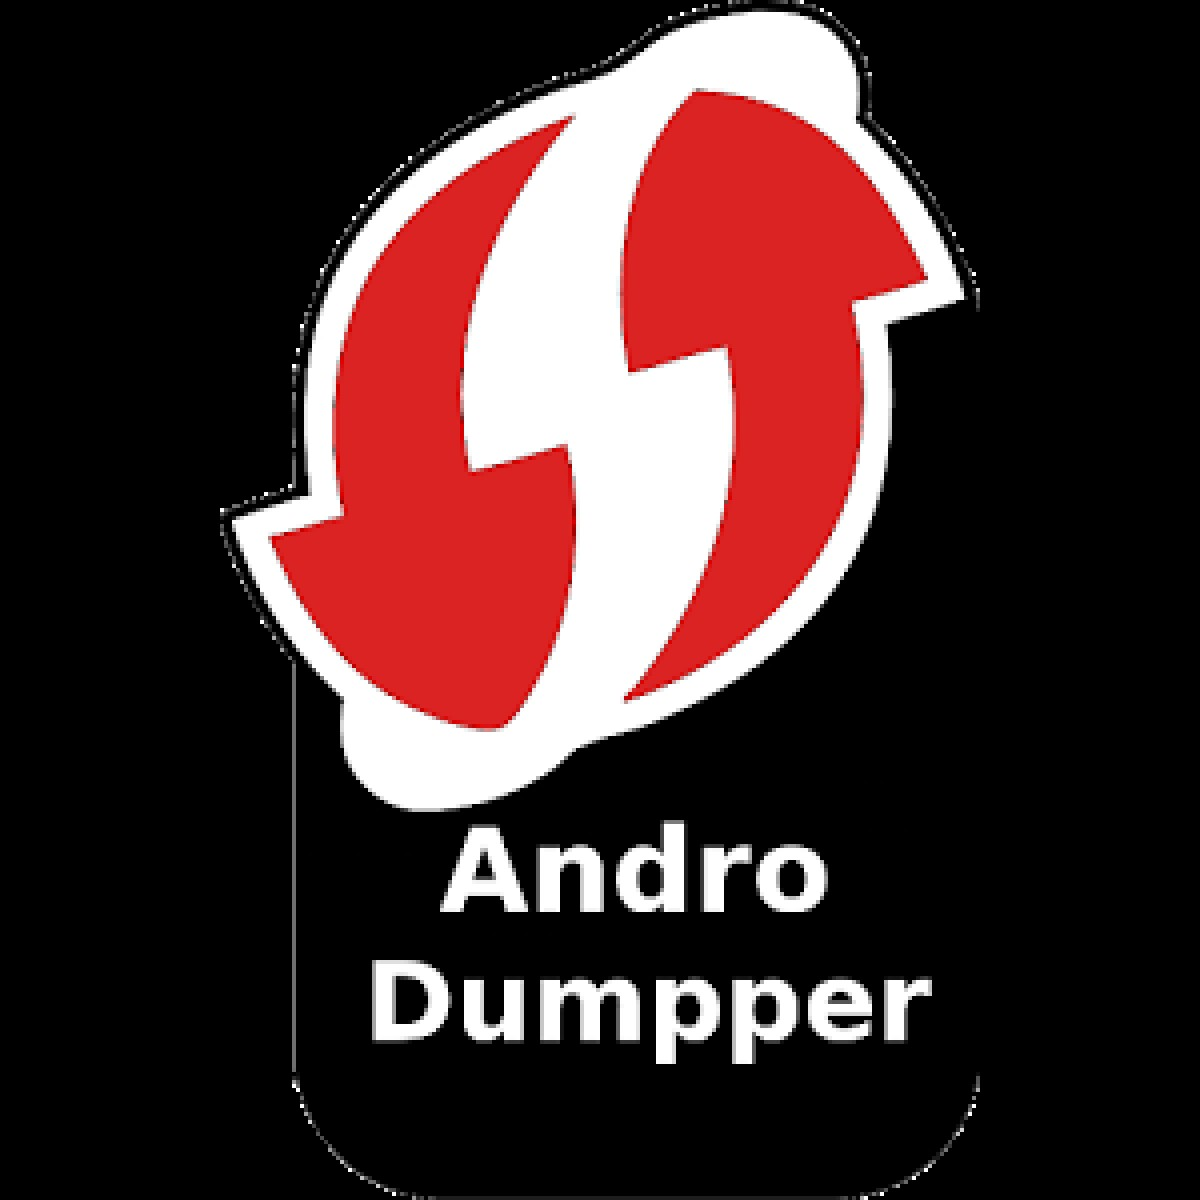 Androdumpper Pro Apk